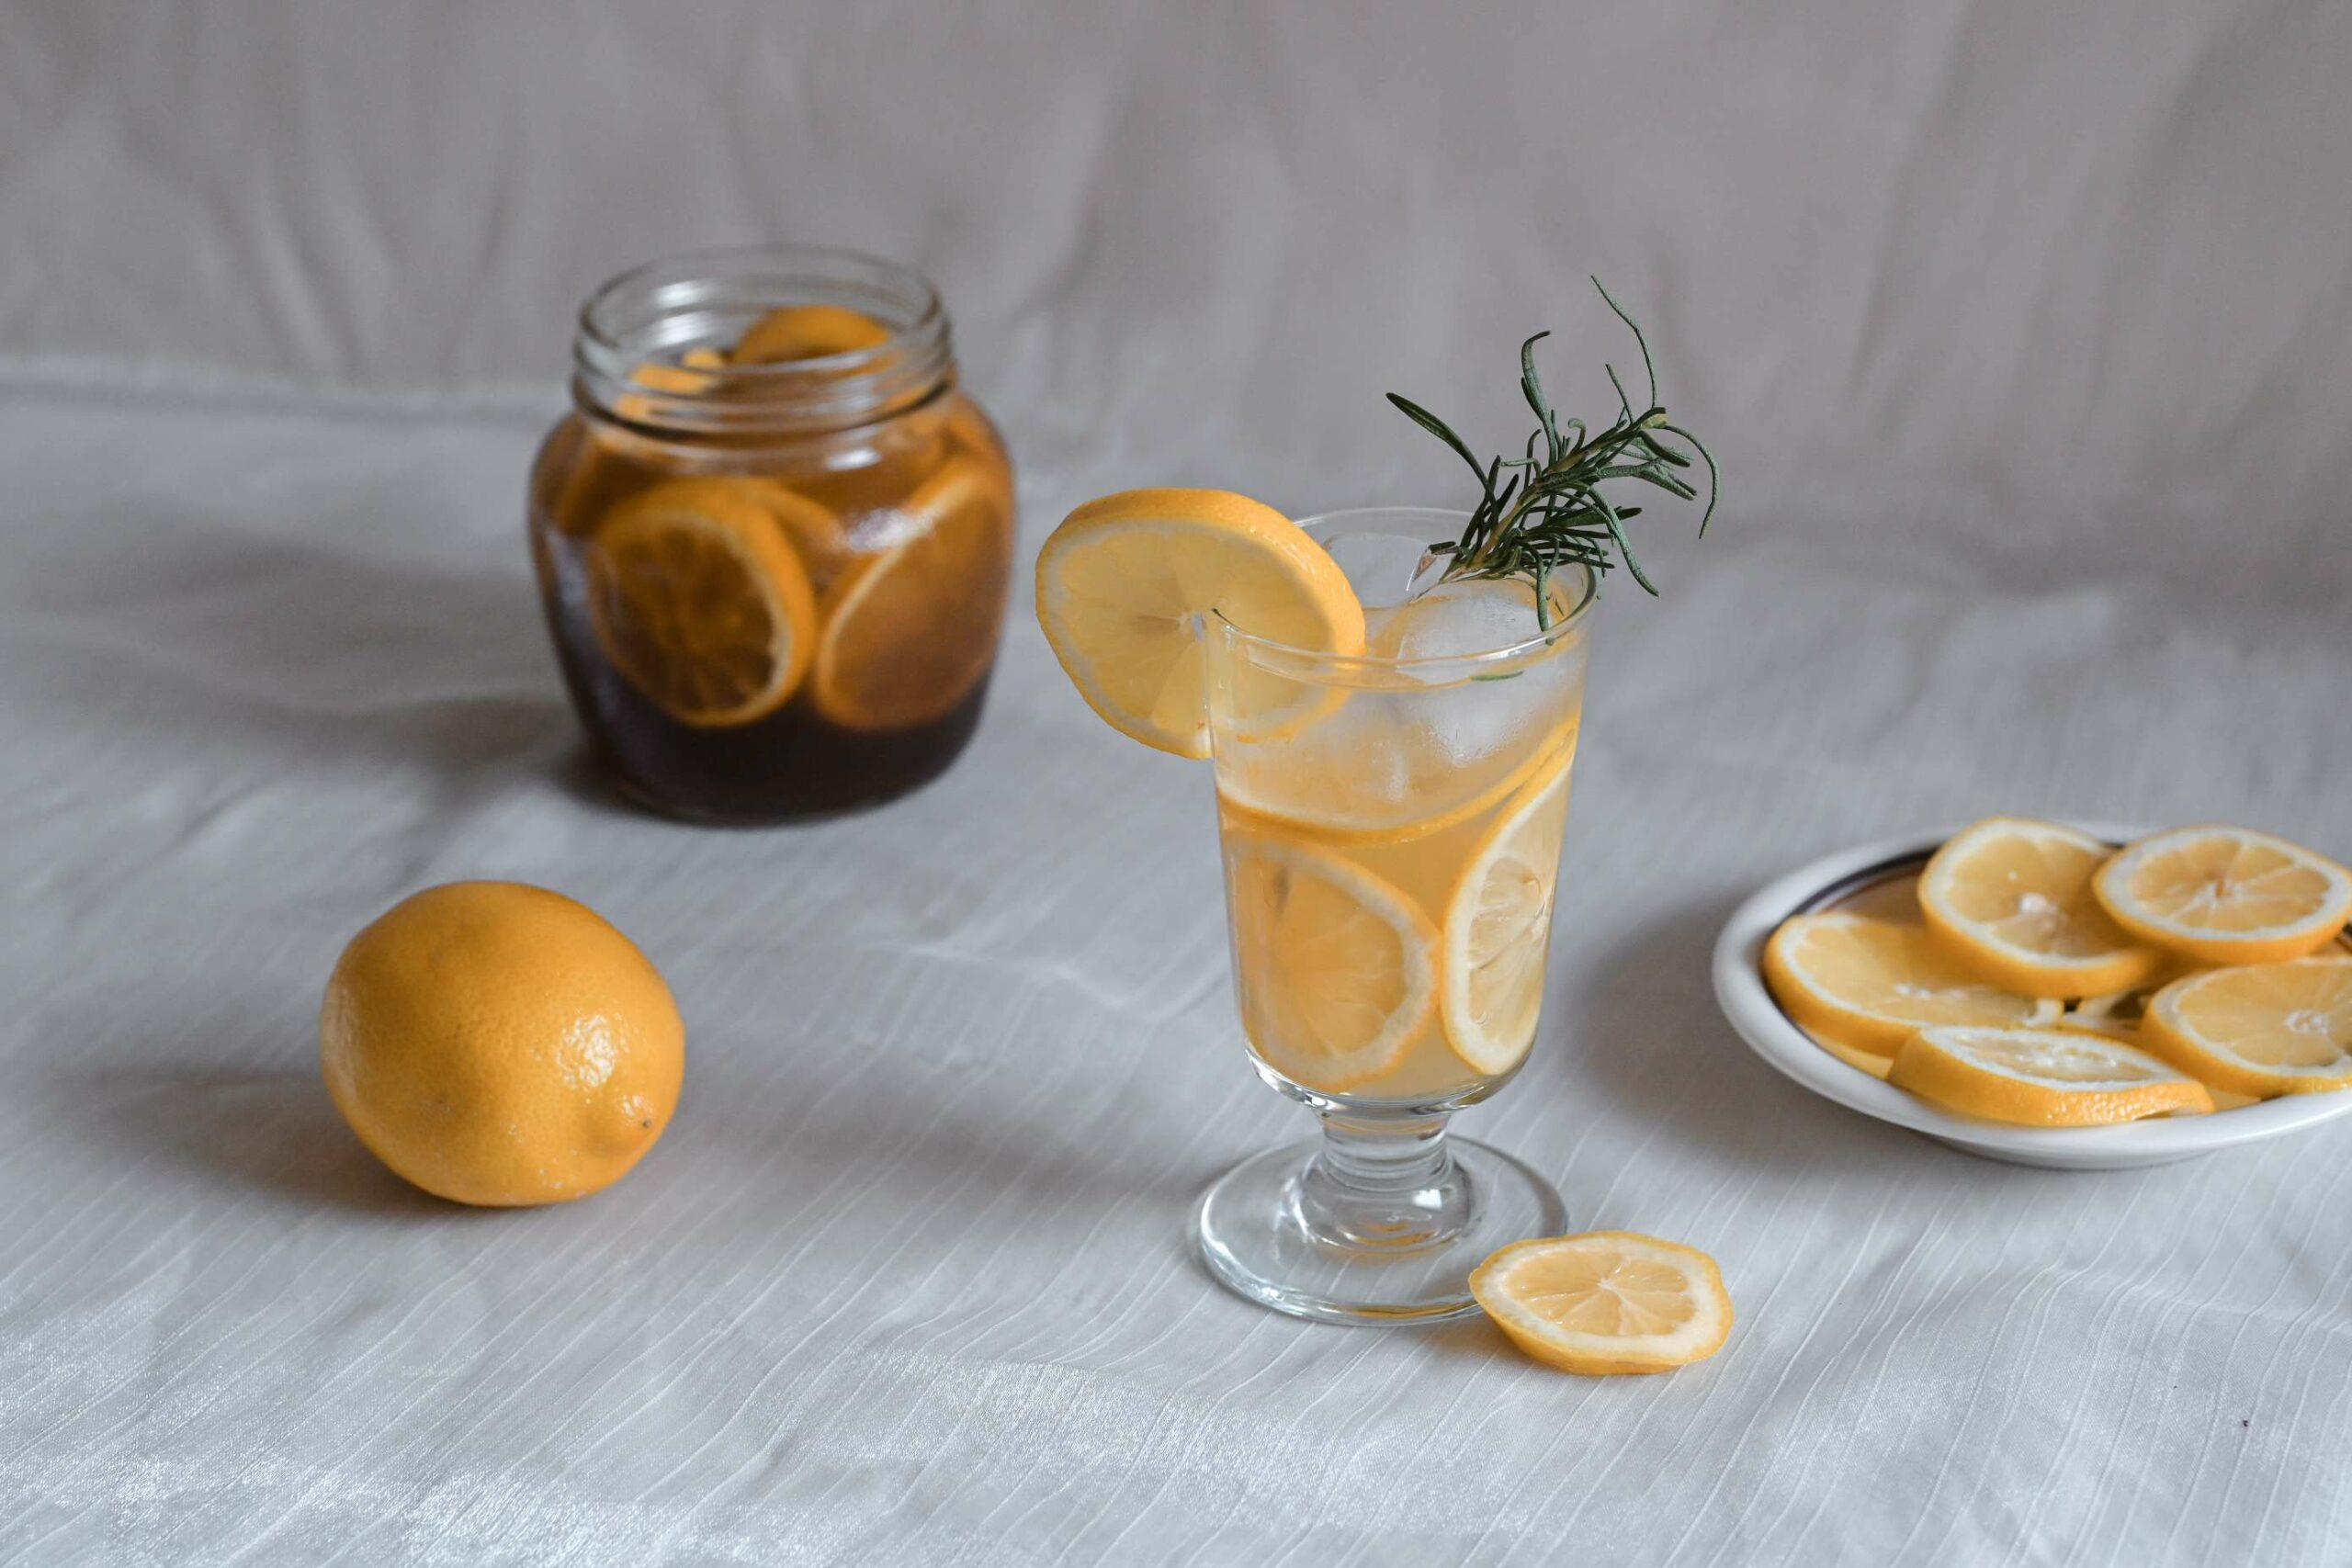 超夯飲料蜂蜜檸檬水,超簡單三步驟就完成,消暑又健康/檸檬飲料食譜 @女子的休假計劃